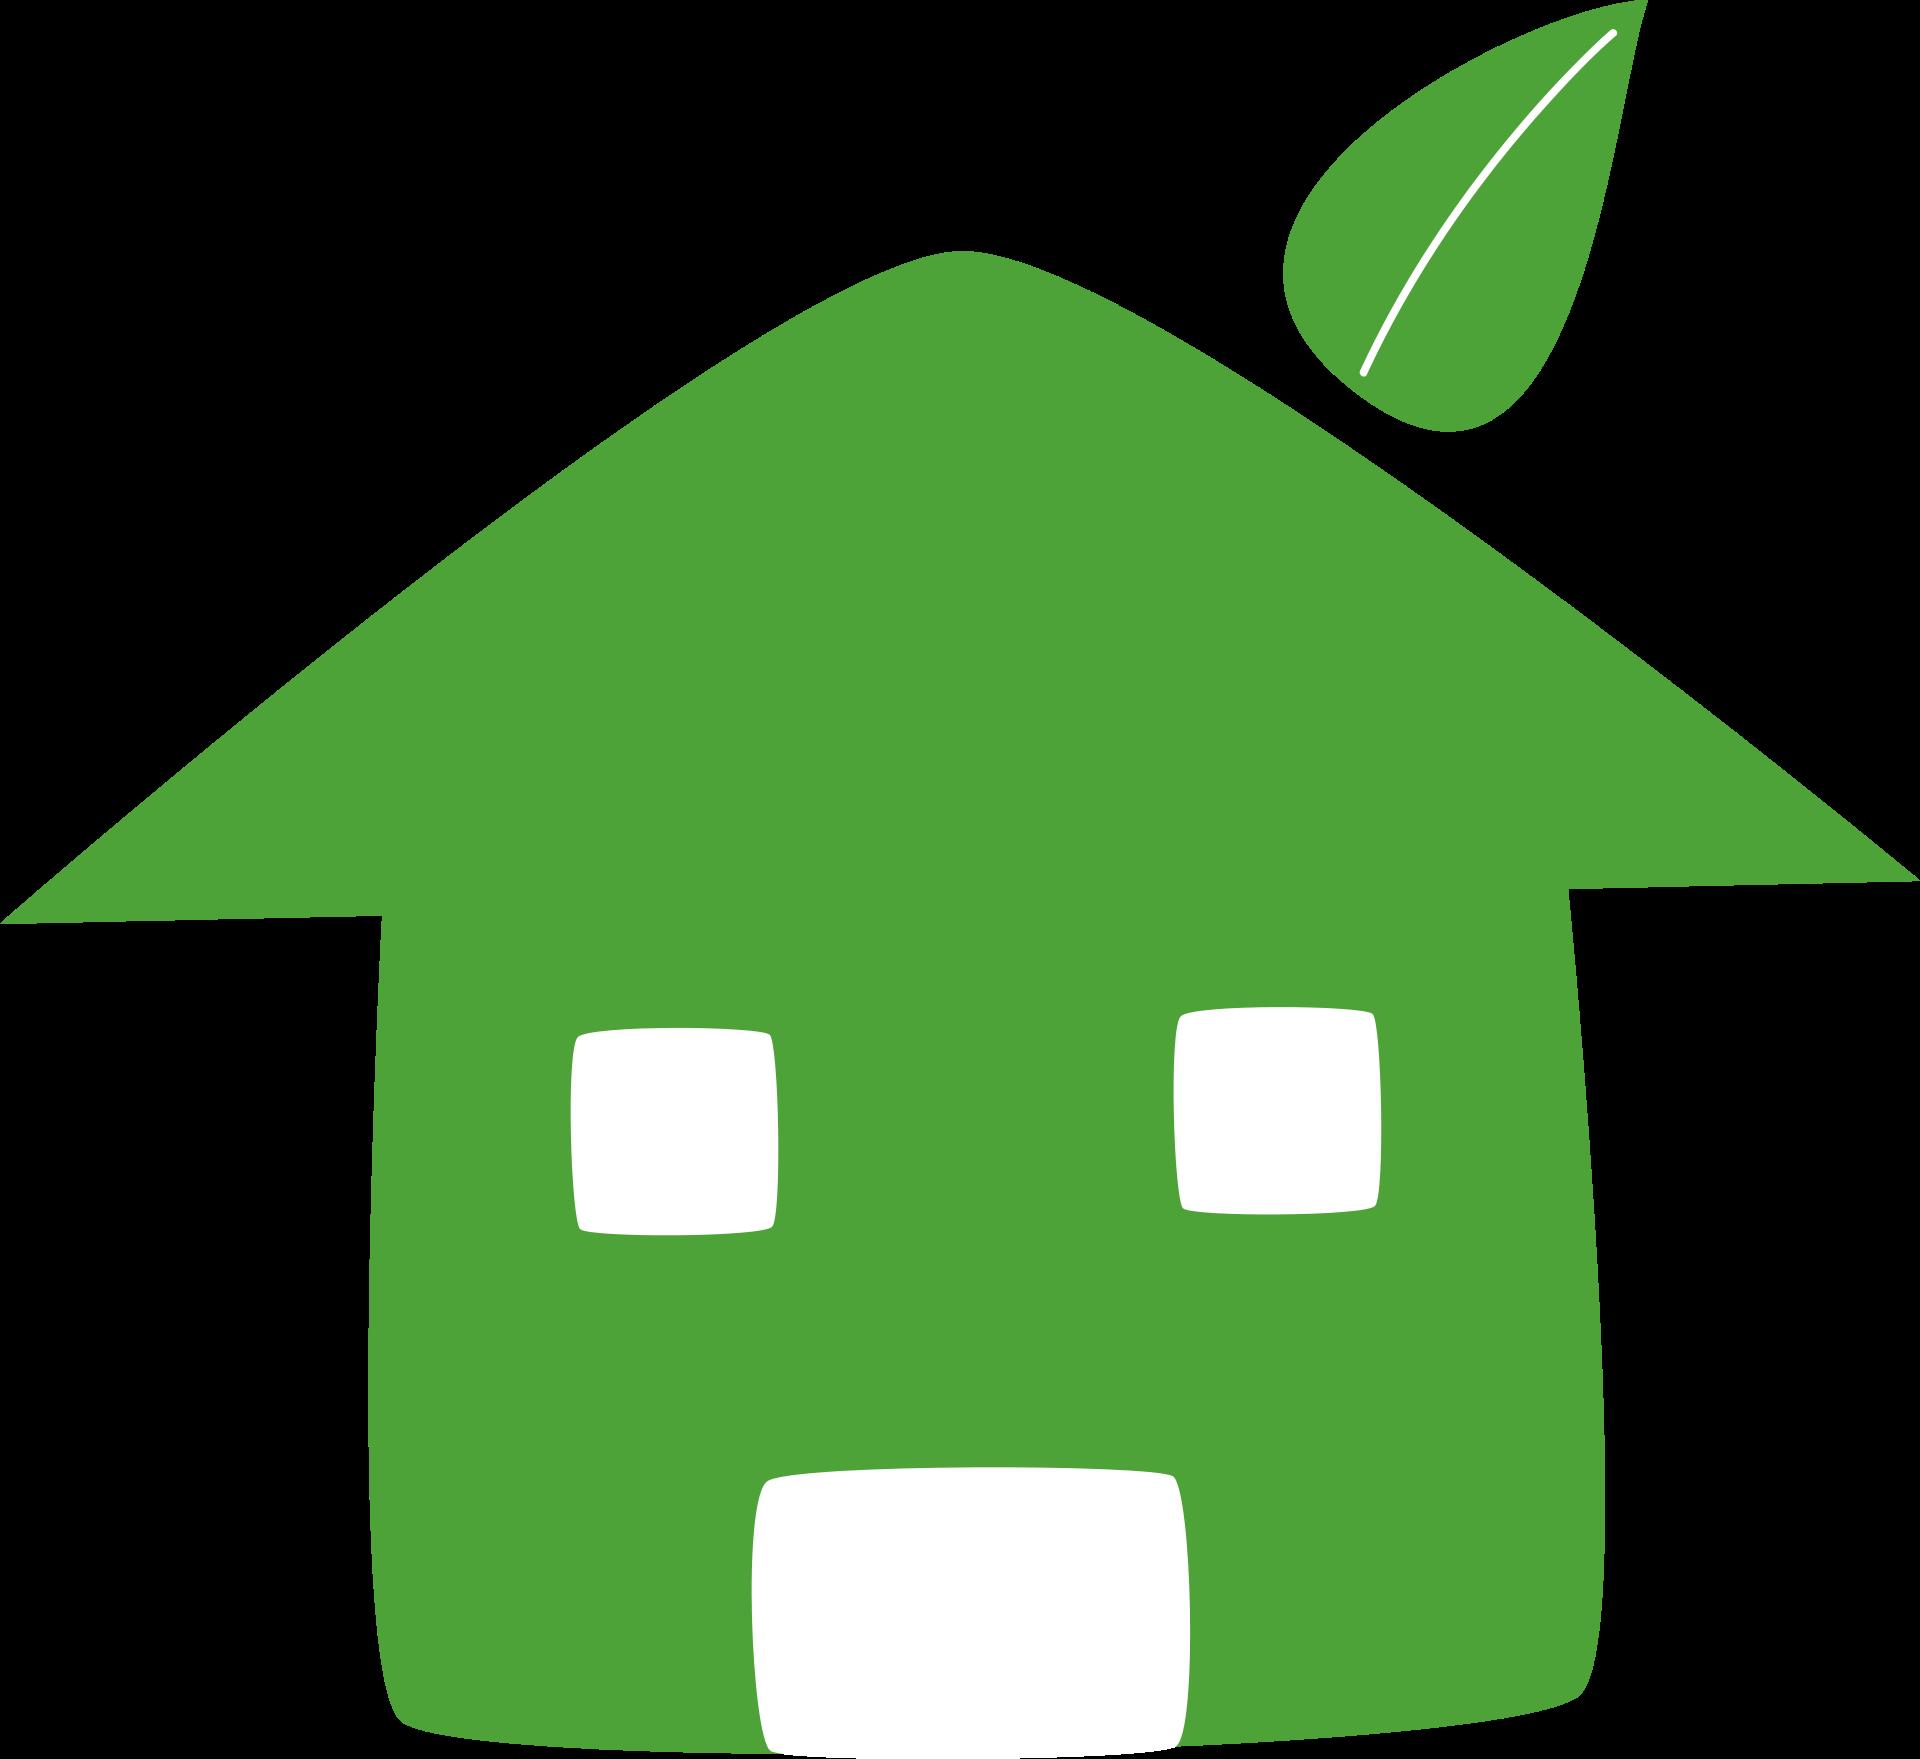 Ce sunt clasele de eficiență energetică pentru clădiri și cum puteți afla în care dintre acestea se încadrează imobilul dumneavoastră?